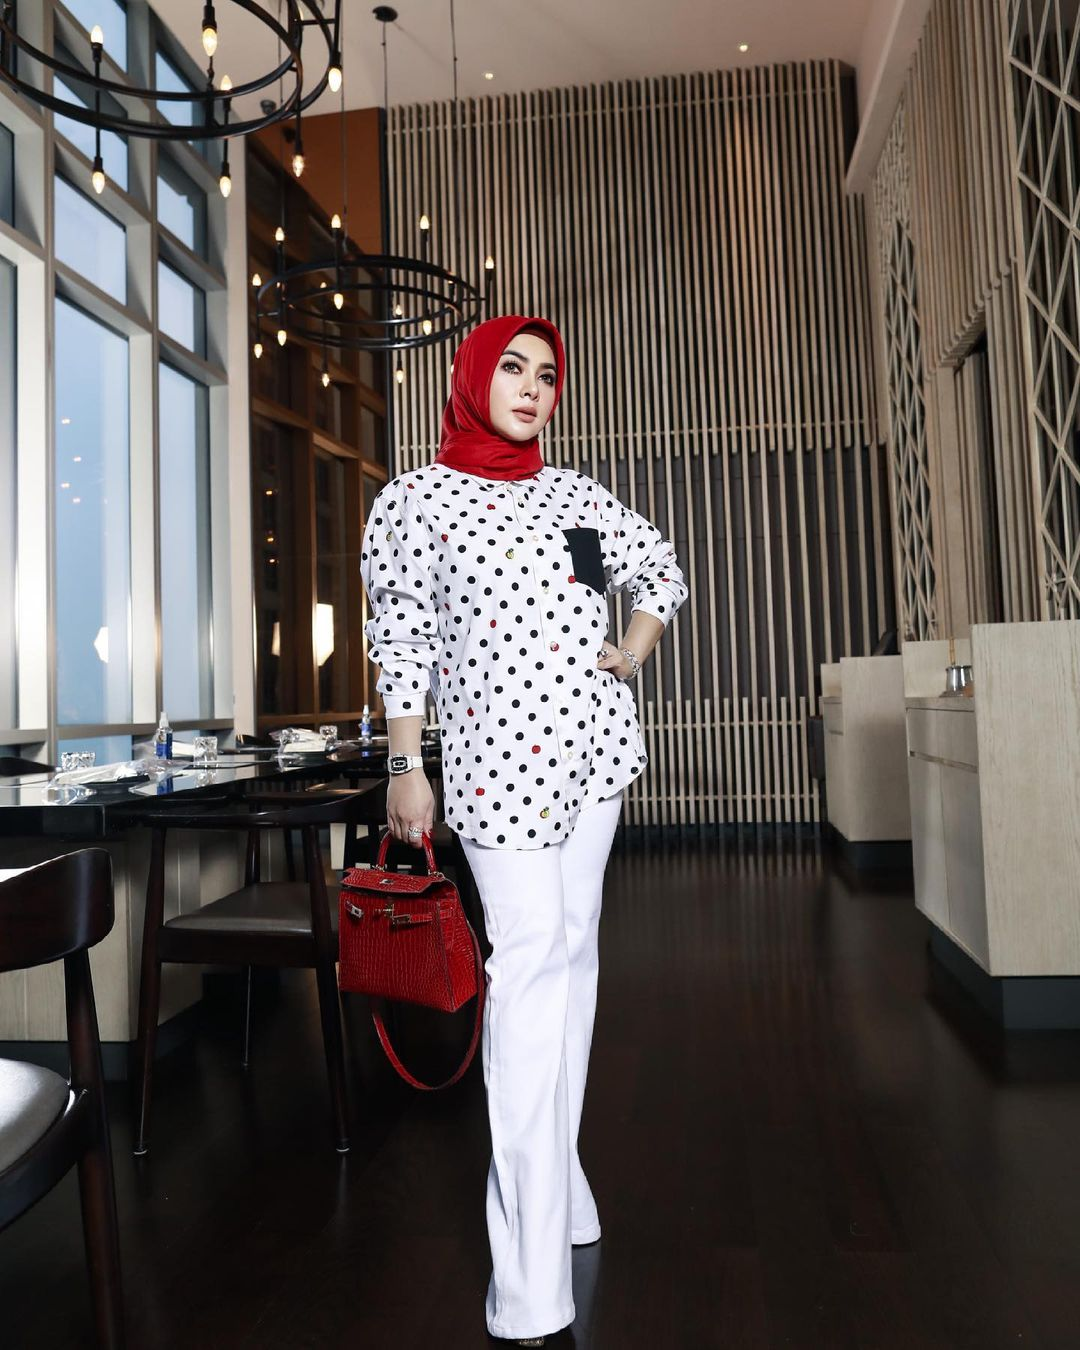 Intip Gaya Terkini Syahrini, Putuskan Hijrah Pakai Hijab 'Fancy'